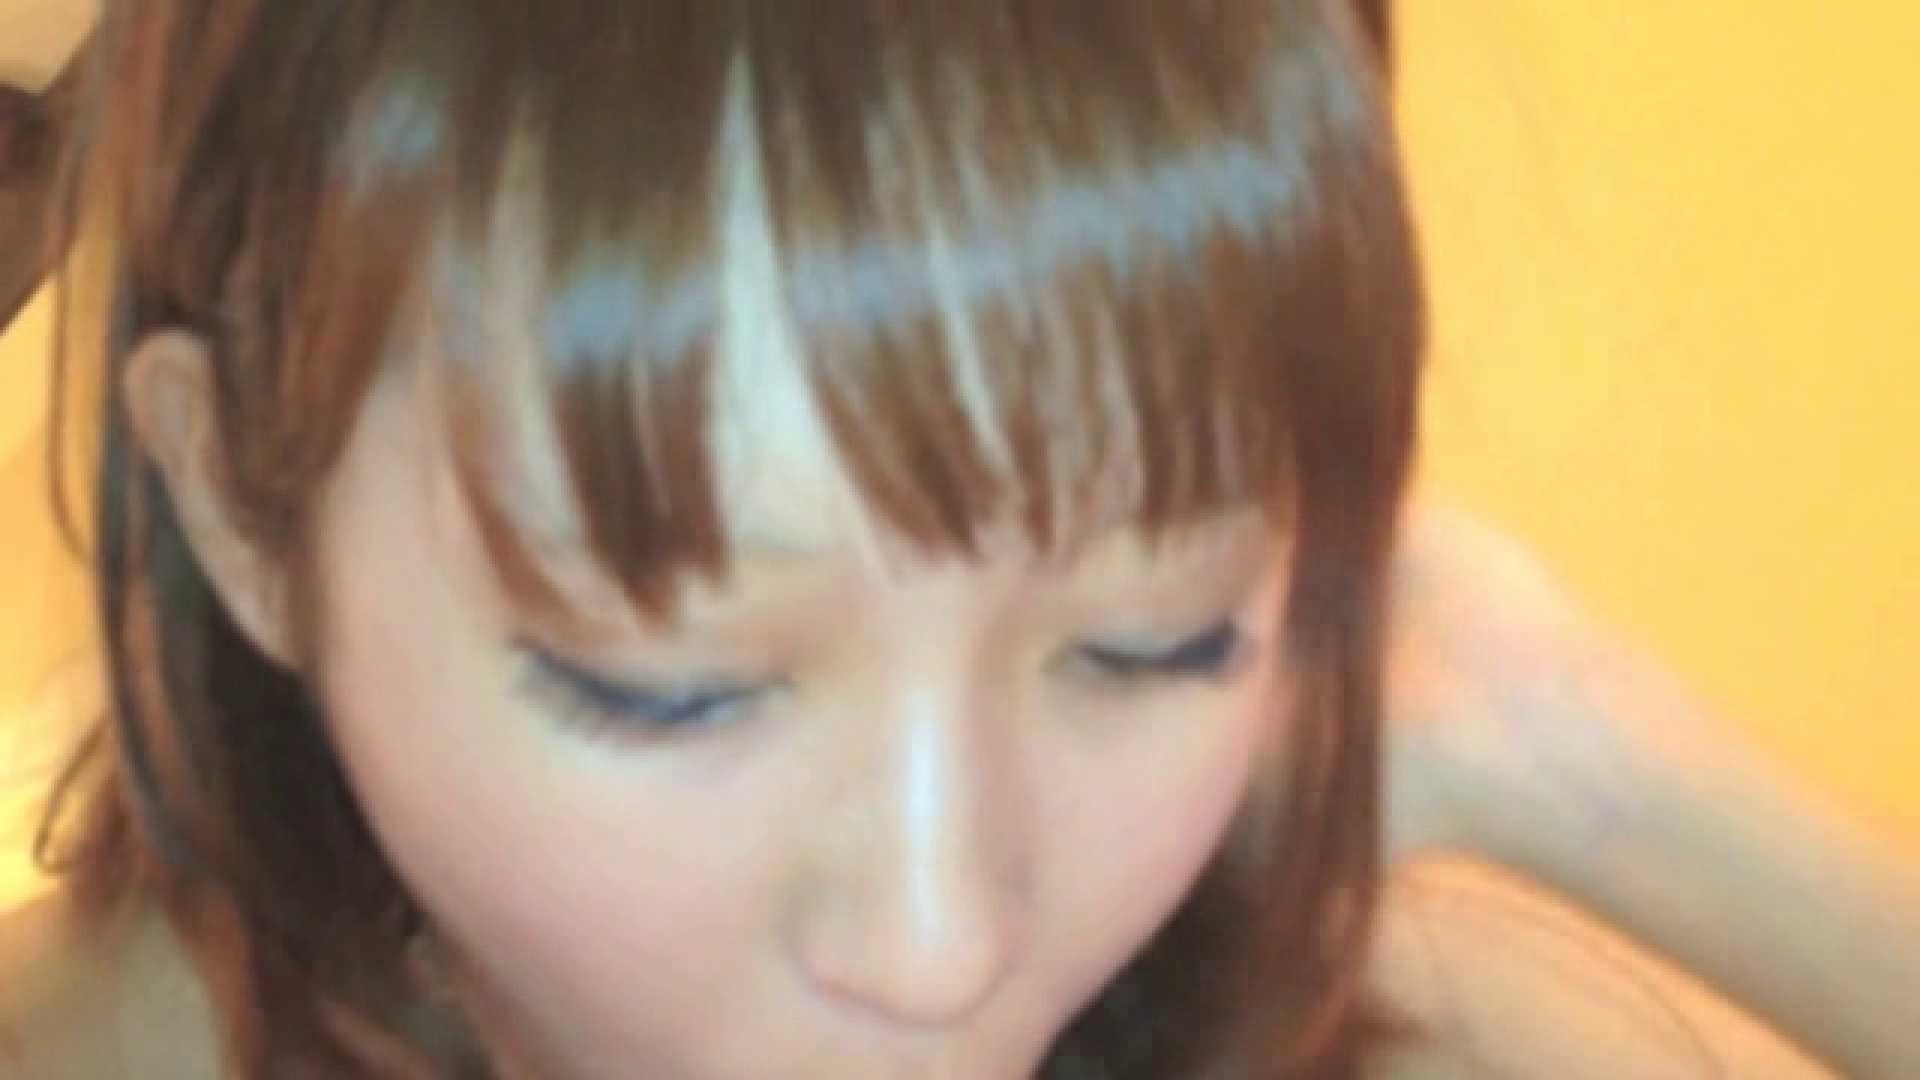 ドラゴン2世 チャラ男の個人撮影 Vol.06 超かわいい彼女 ゆいか 18才 Part.03 ついにハメ撮り ホテル潜入 | 美少女ヌード  99pic 66